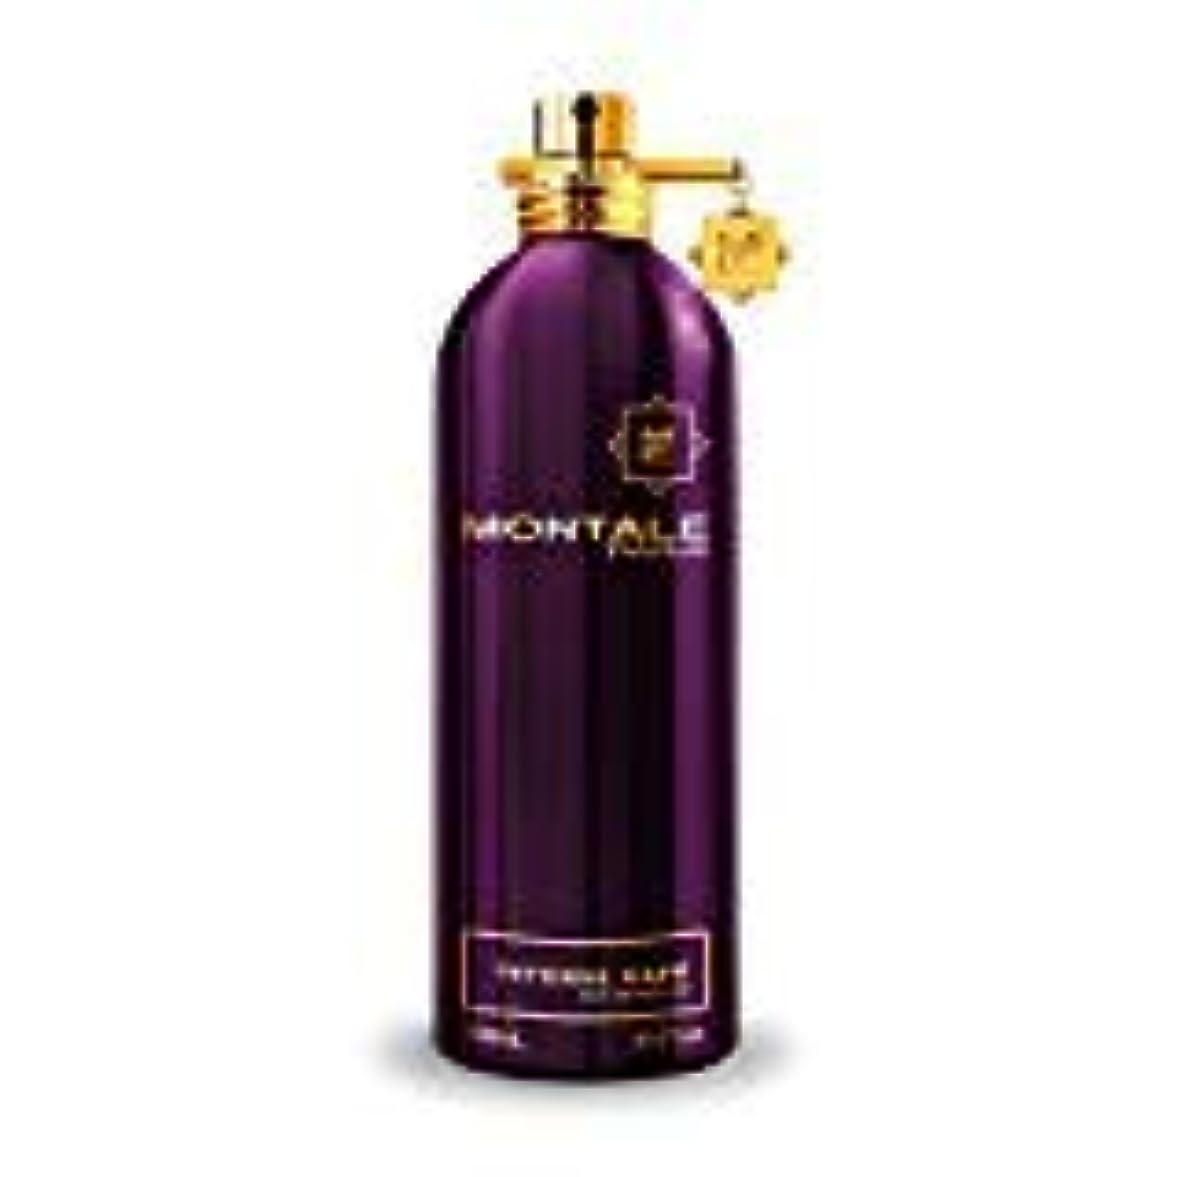 ぼんやりした付添人合わせてMONTALE INTENSE CAFE Eau de Perfume 100ml Made in France 100% 本物モンターレ強烈なカフェ香水 100 ml フランス製 +2サンプル無料! + 30 mlスキンケア無料!